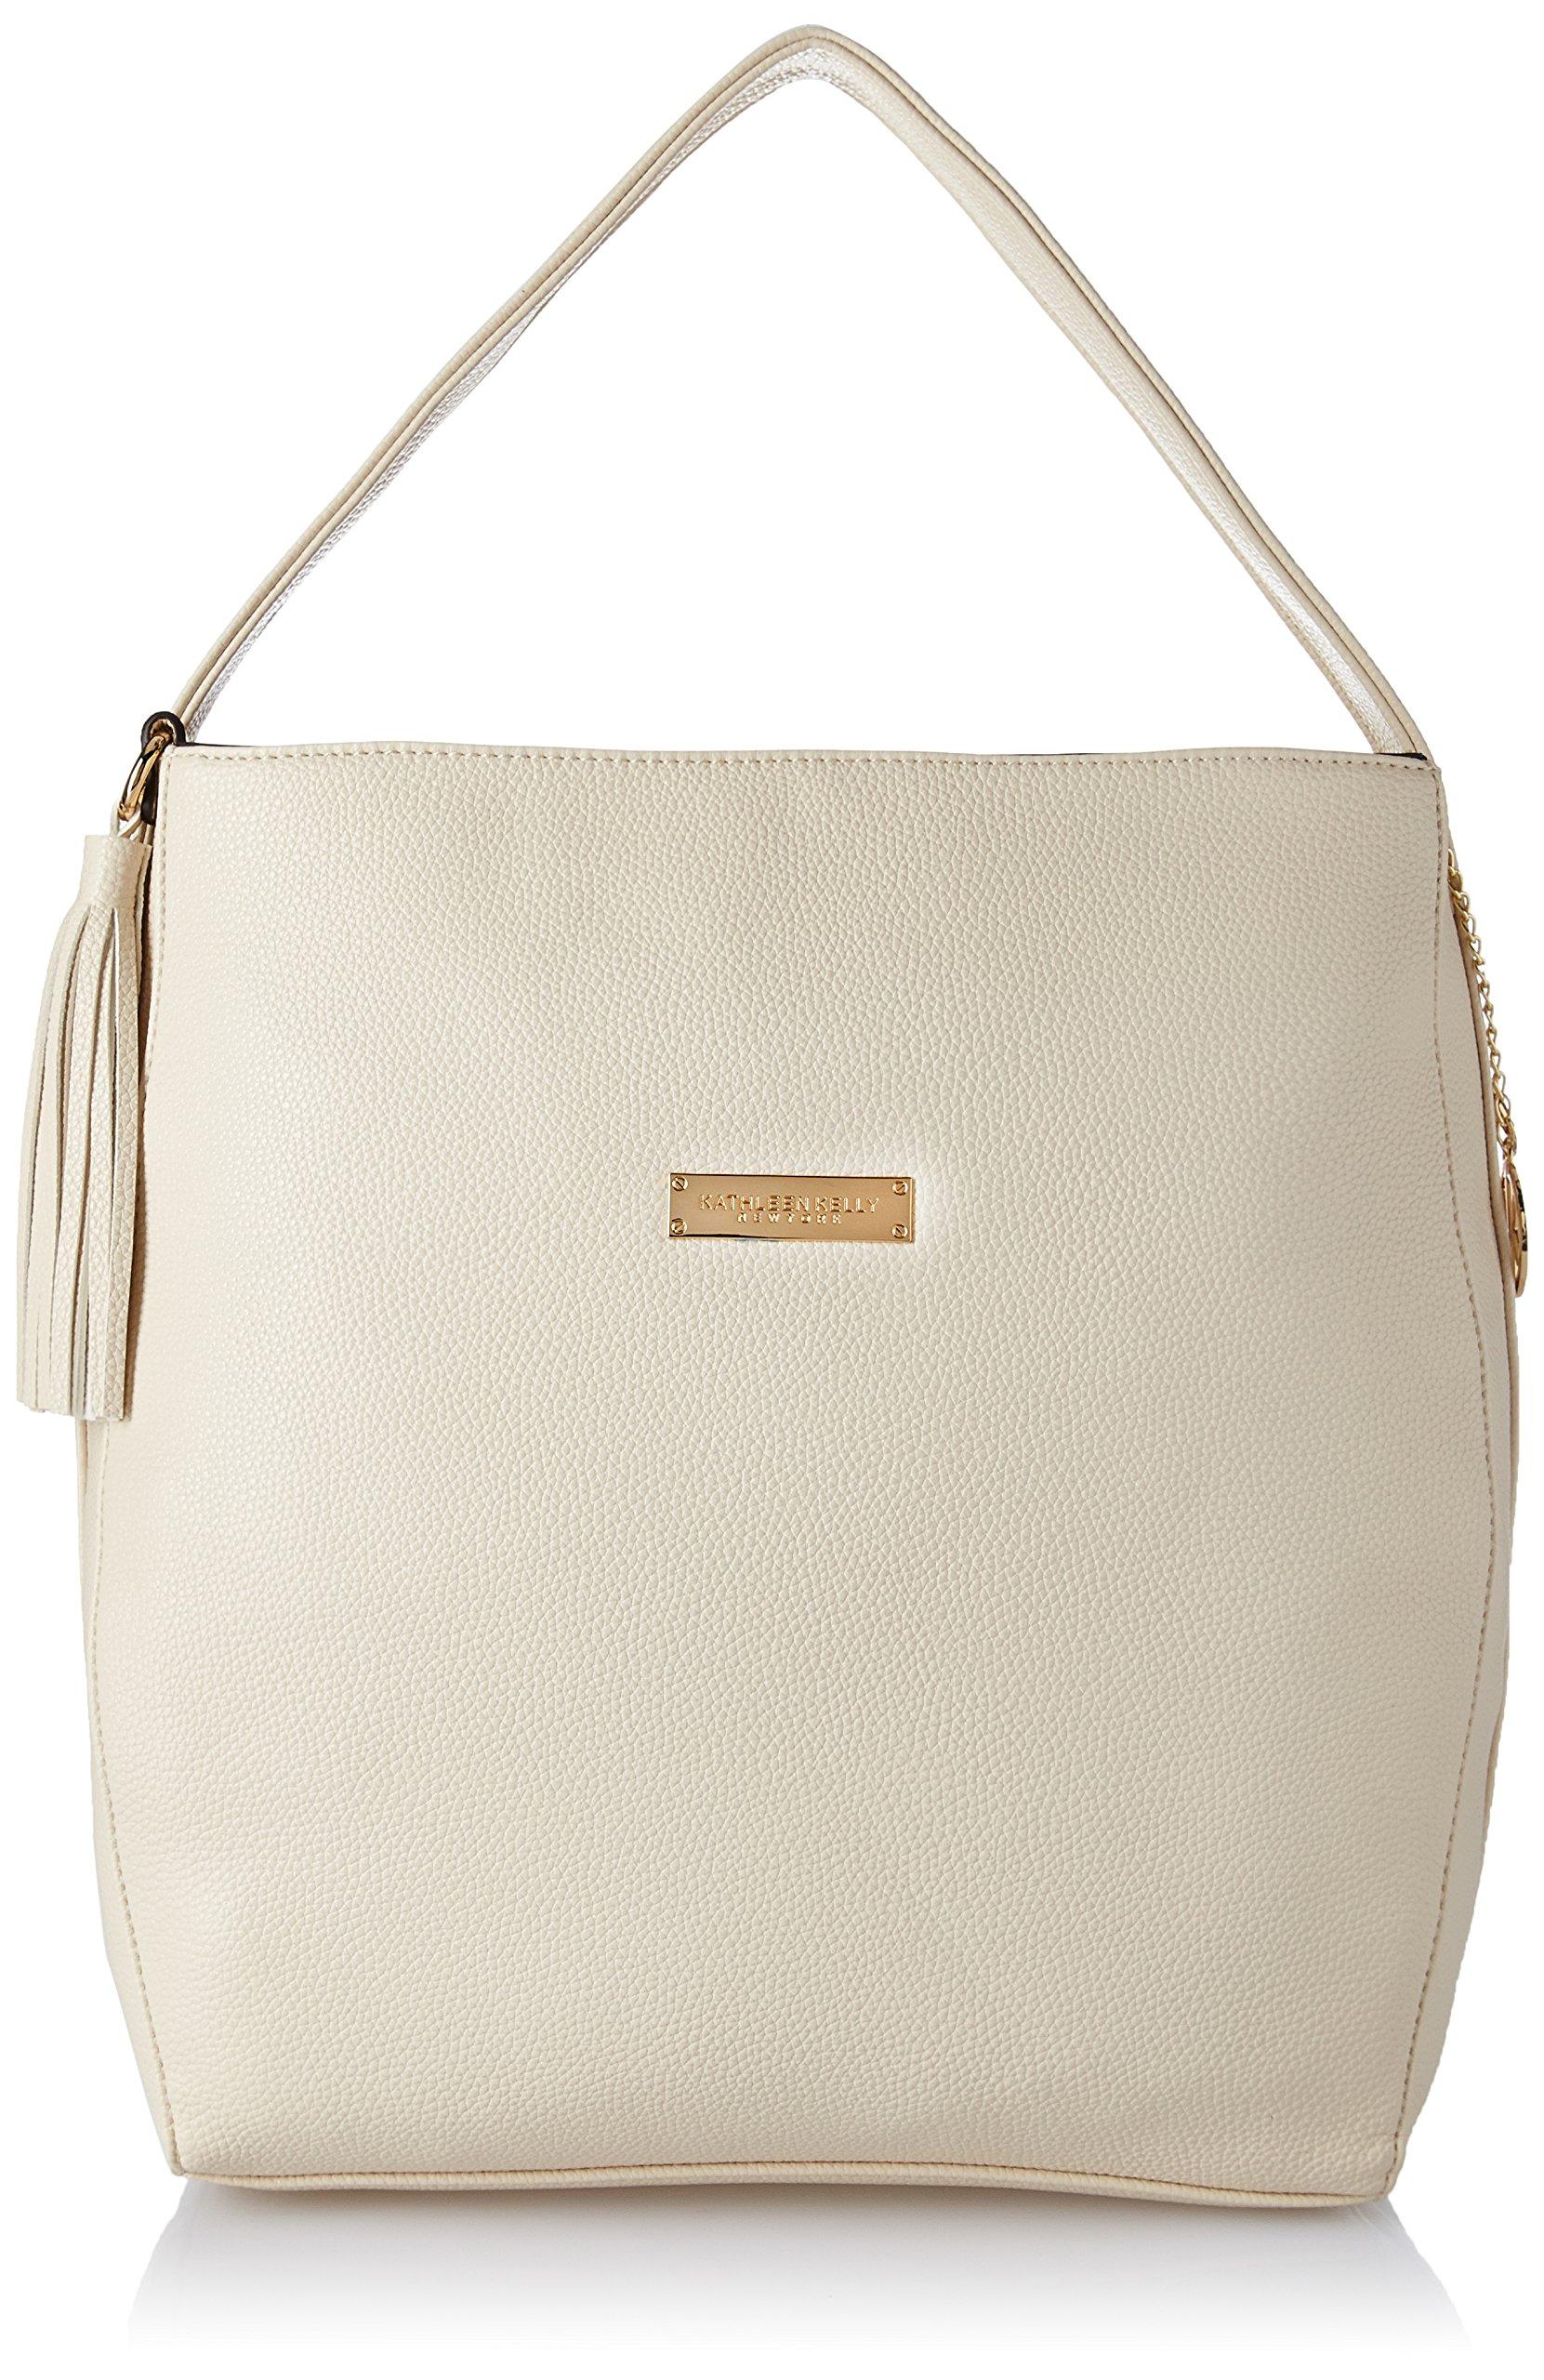 Kathleen Kelly NY Women's Handbag (Off White) (KK0014OW) product image